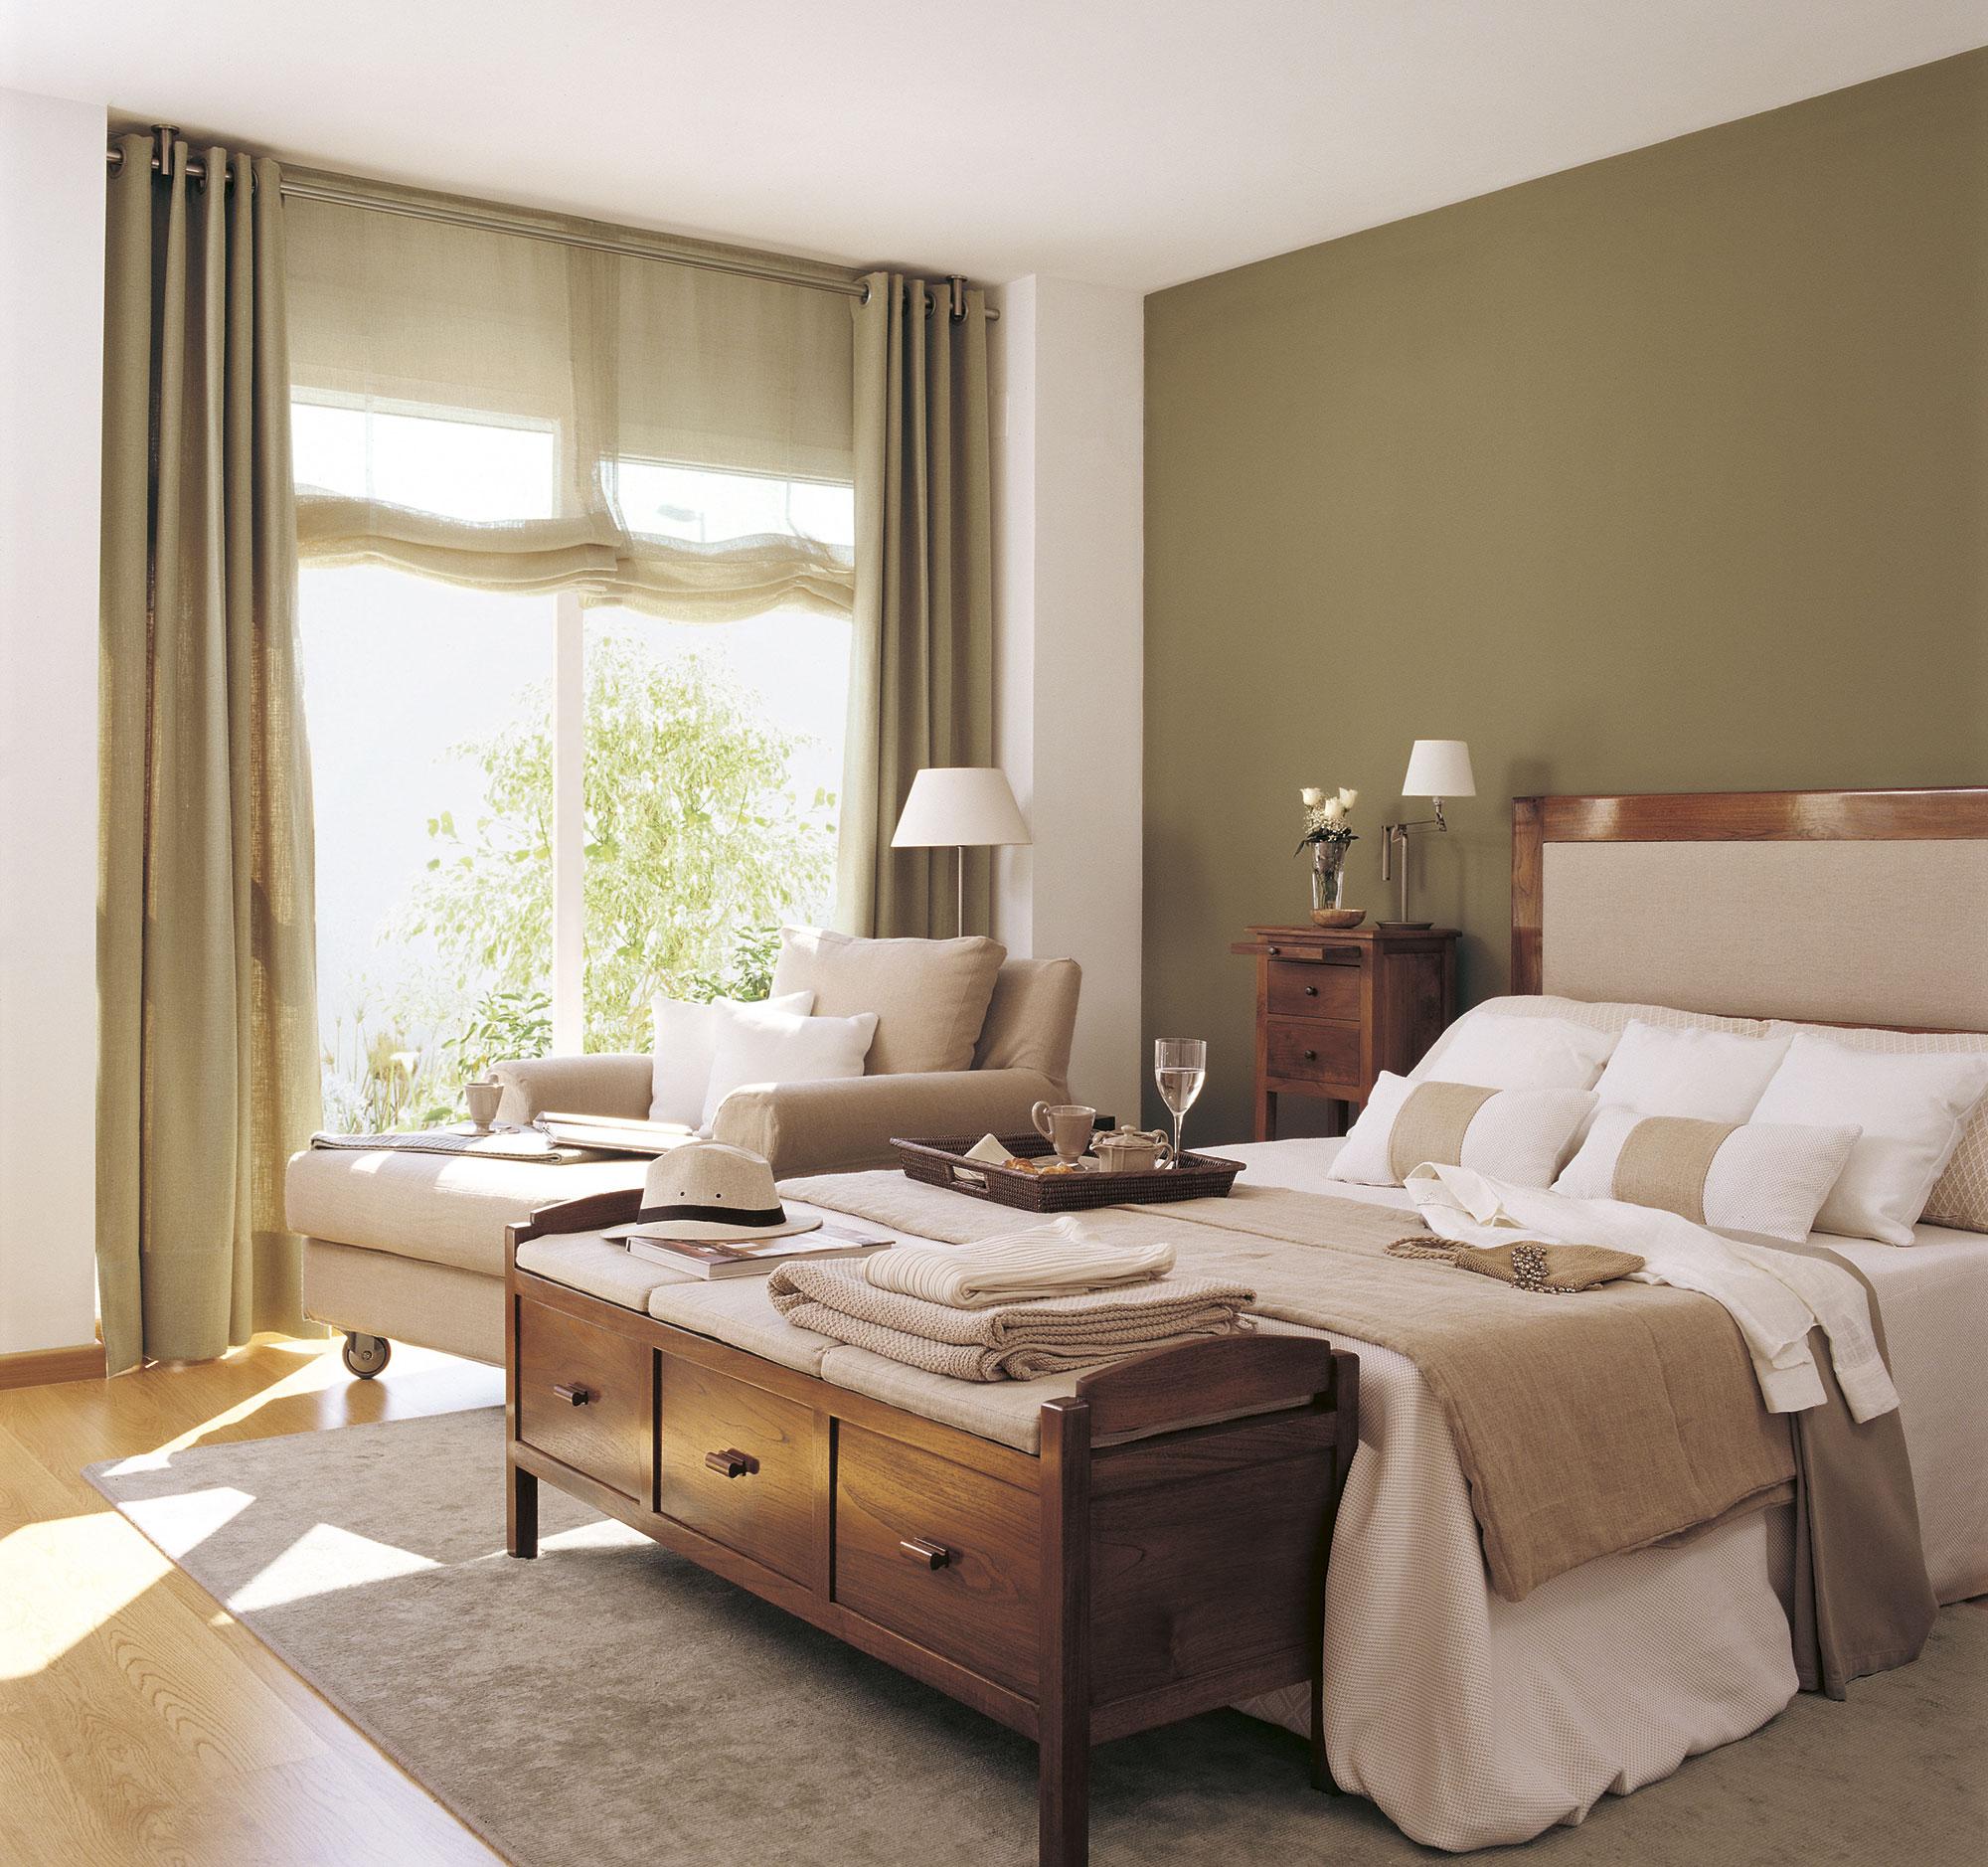 Pintura cambia tu casa con los efectos del color - Muebles color cerezo como pintar paredes ...